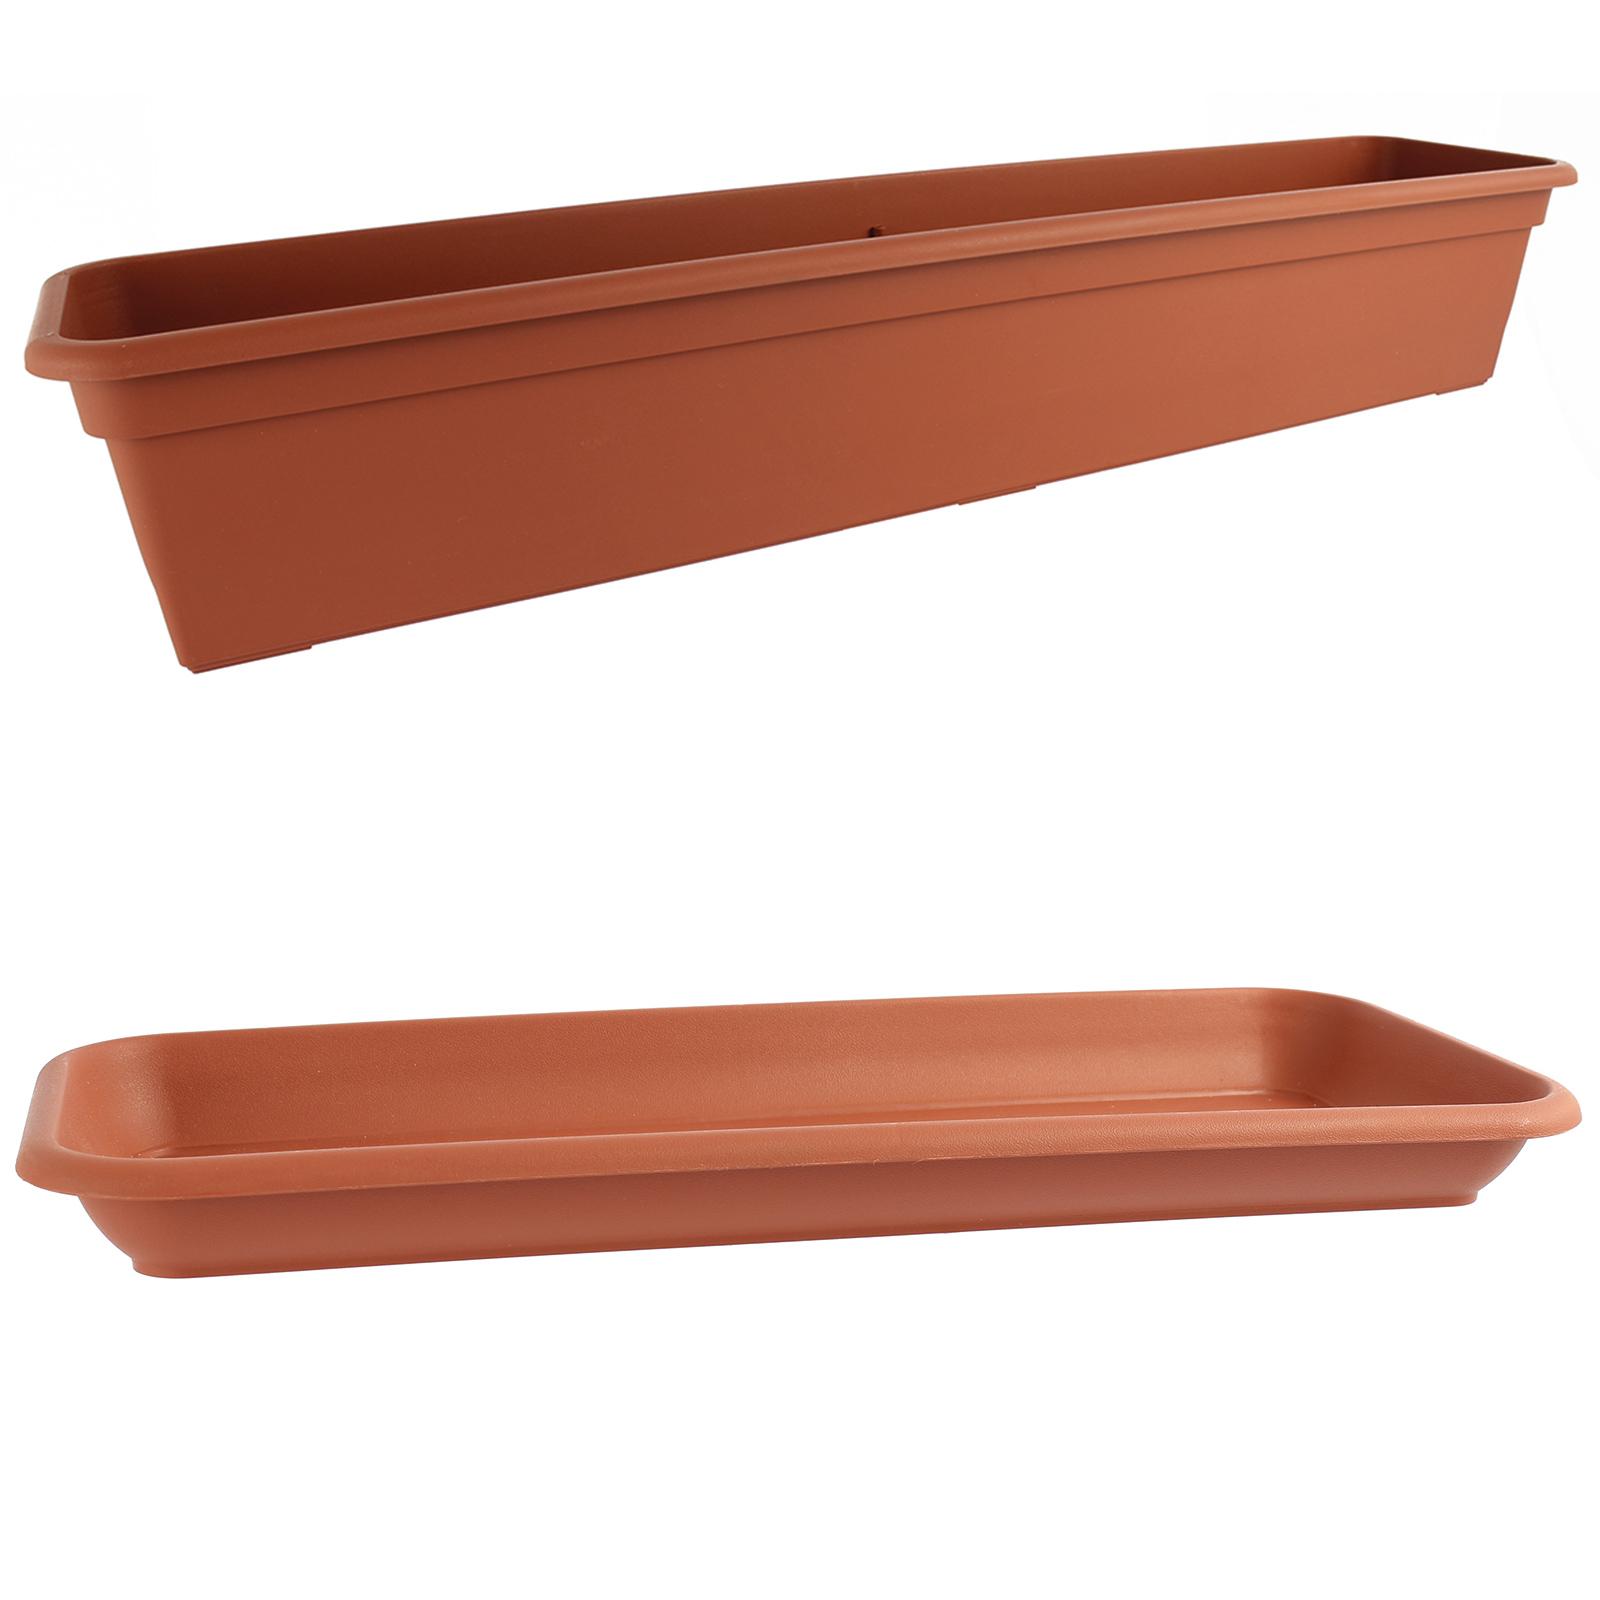 Halterung Blumenkasten rechteckig 80cm//18L Terracotta Balkonkasten Kunststoff